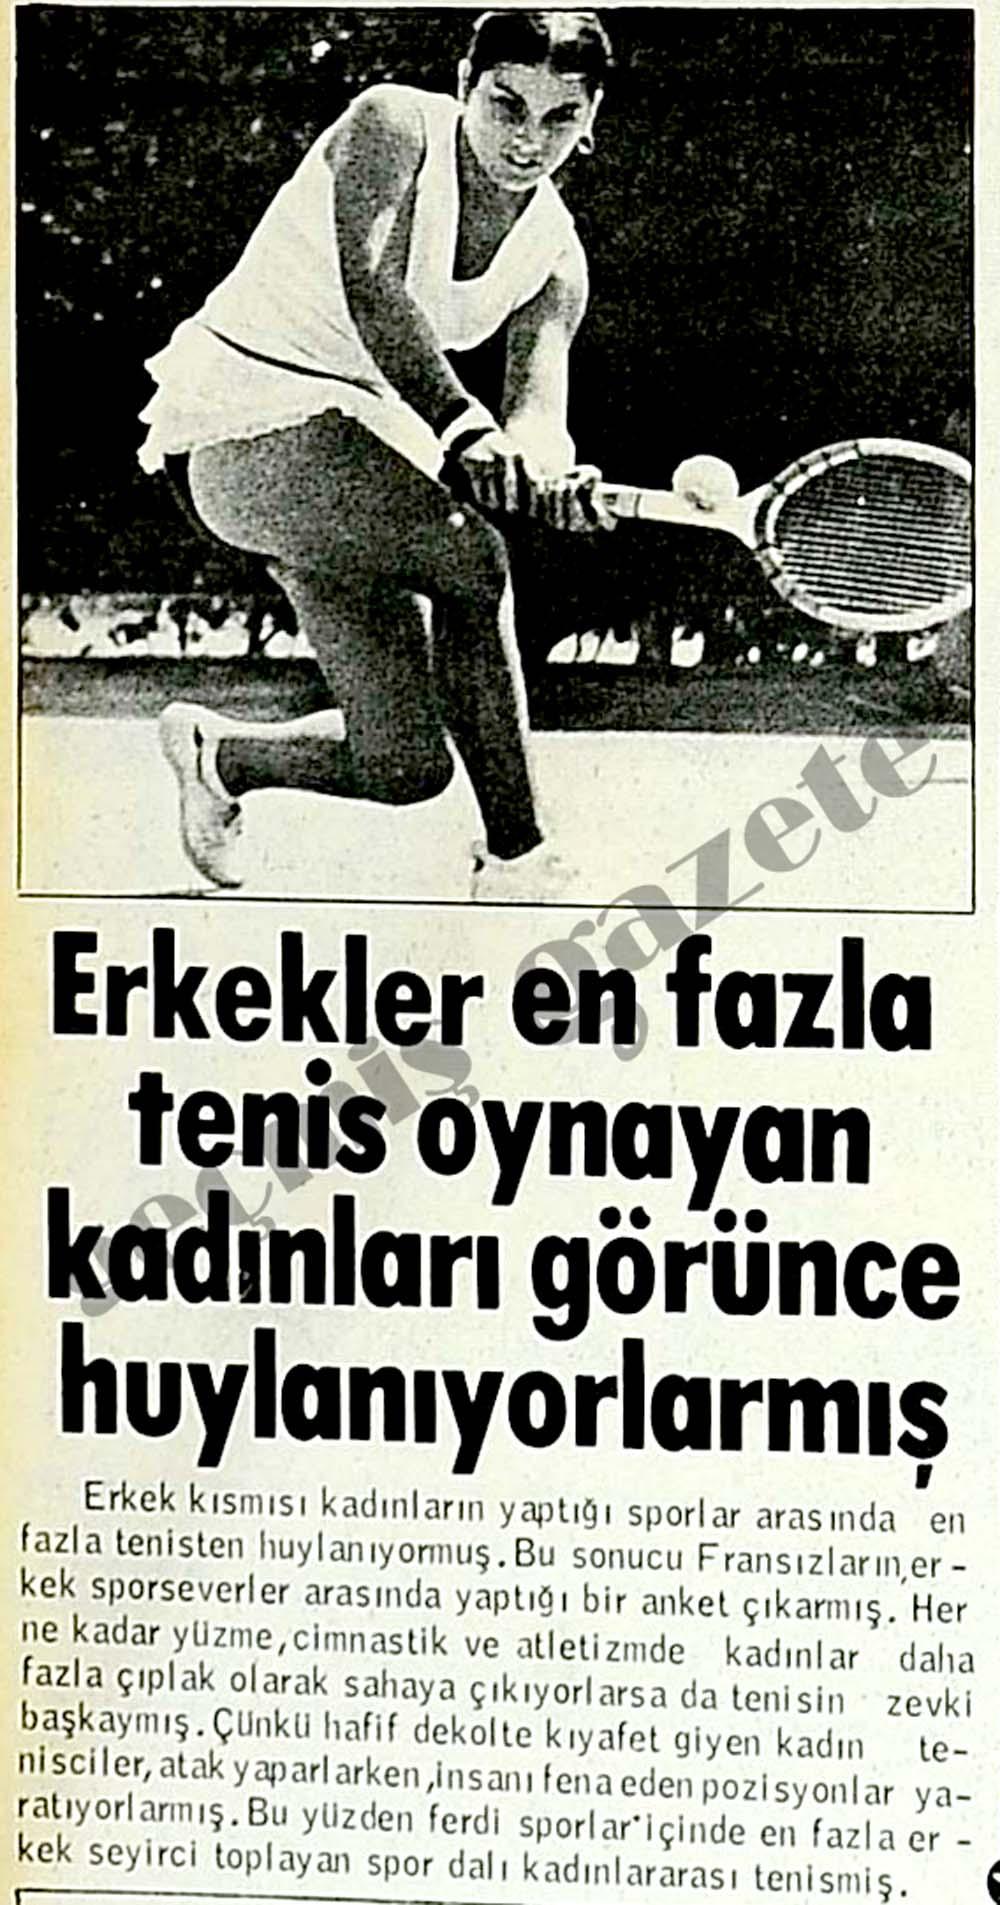 Erkekler en fazla tenis oynayan kadınları görünce huylanıyorlarmış